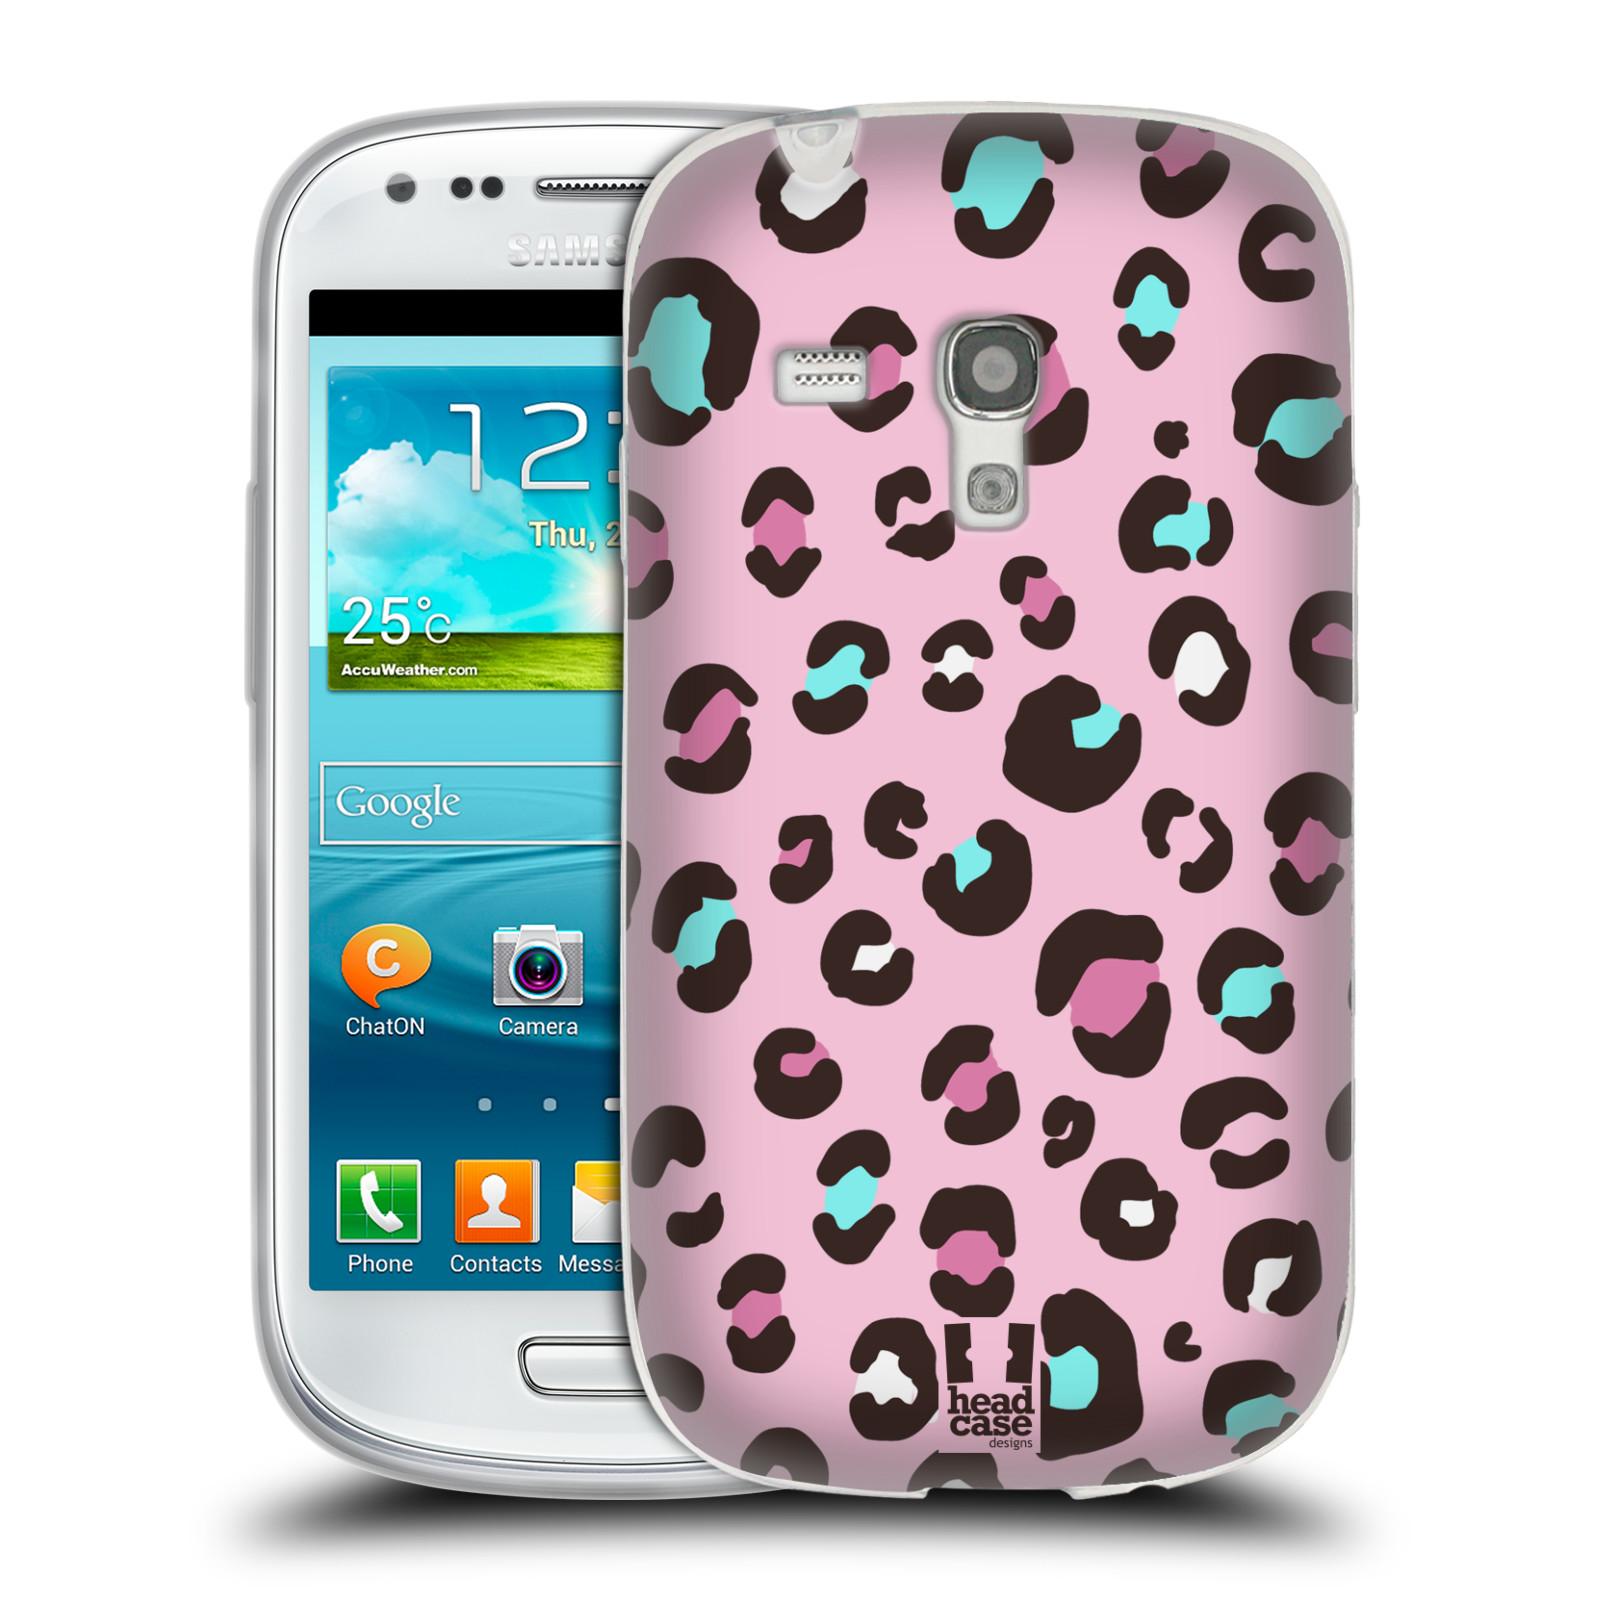 HEAD CASE silikonový obal na mobil Samsung Galaxy S3 MINI i8190 vzor Divočina zvíře 2 růžový MIX